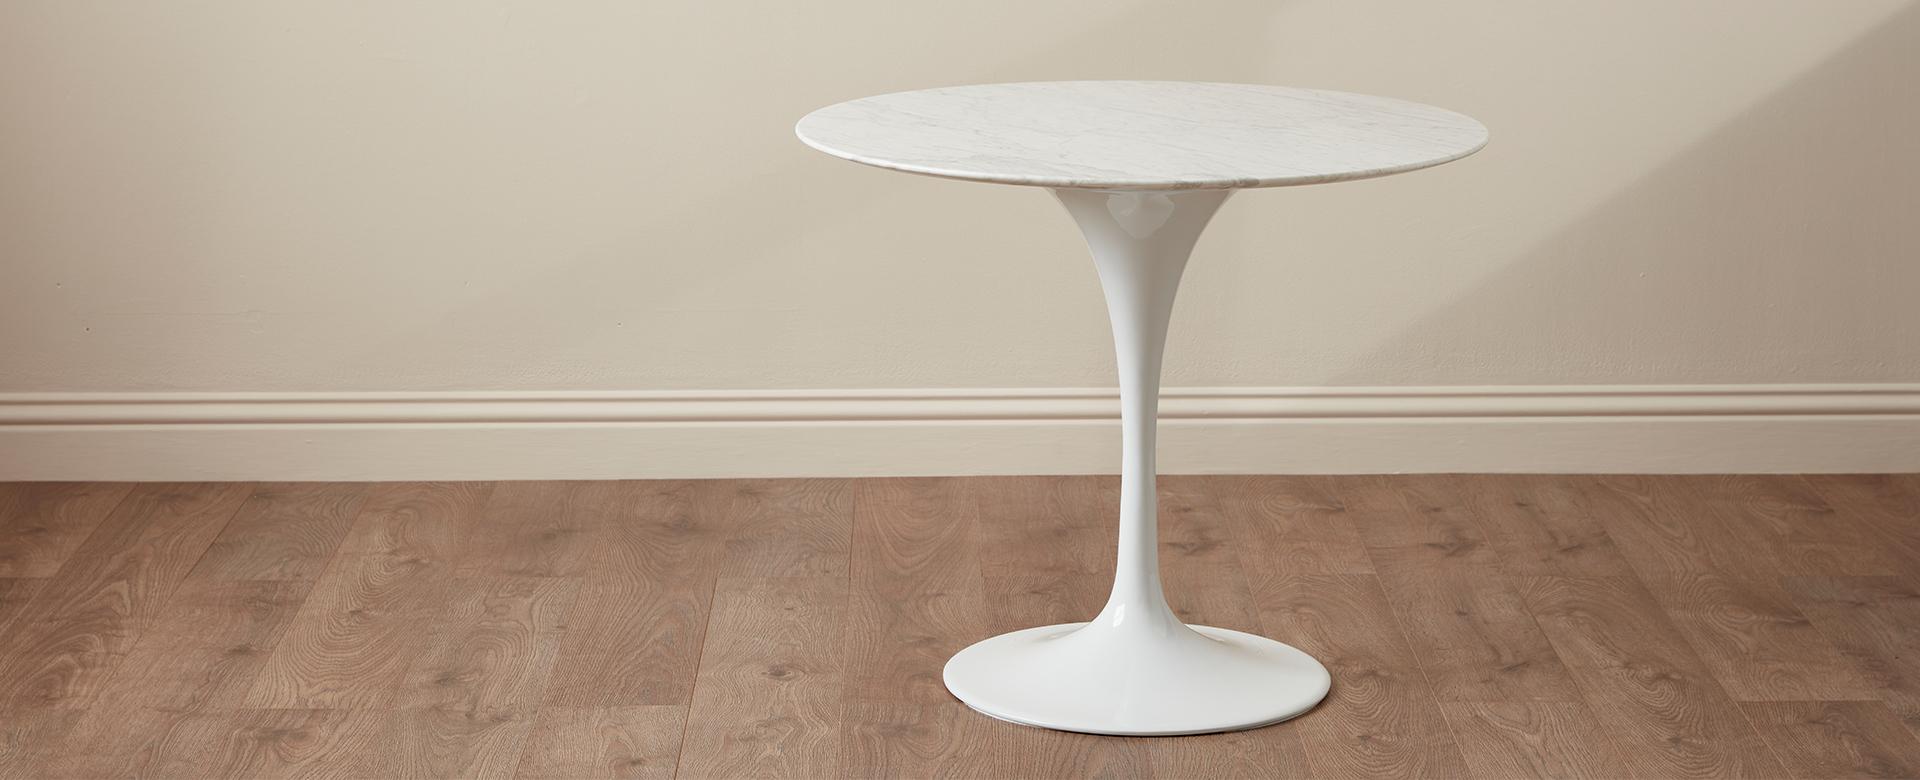 Saarinen Style Tulip Tables